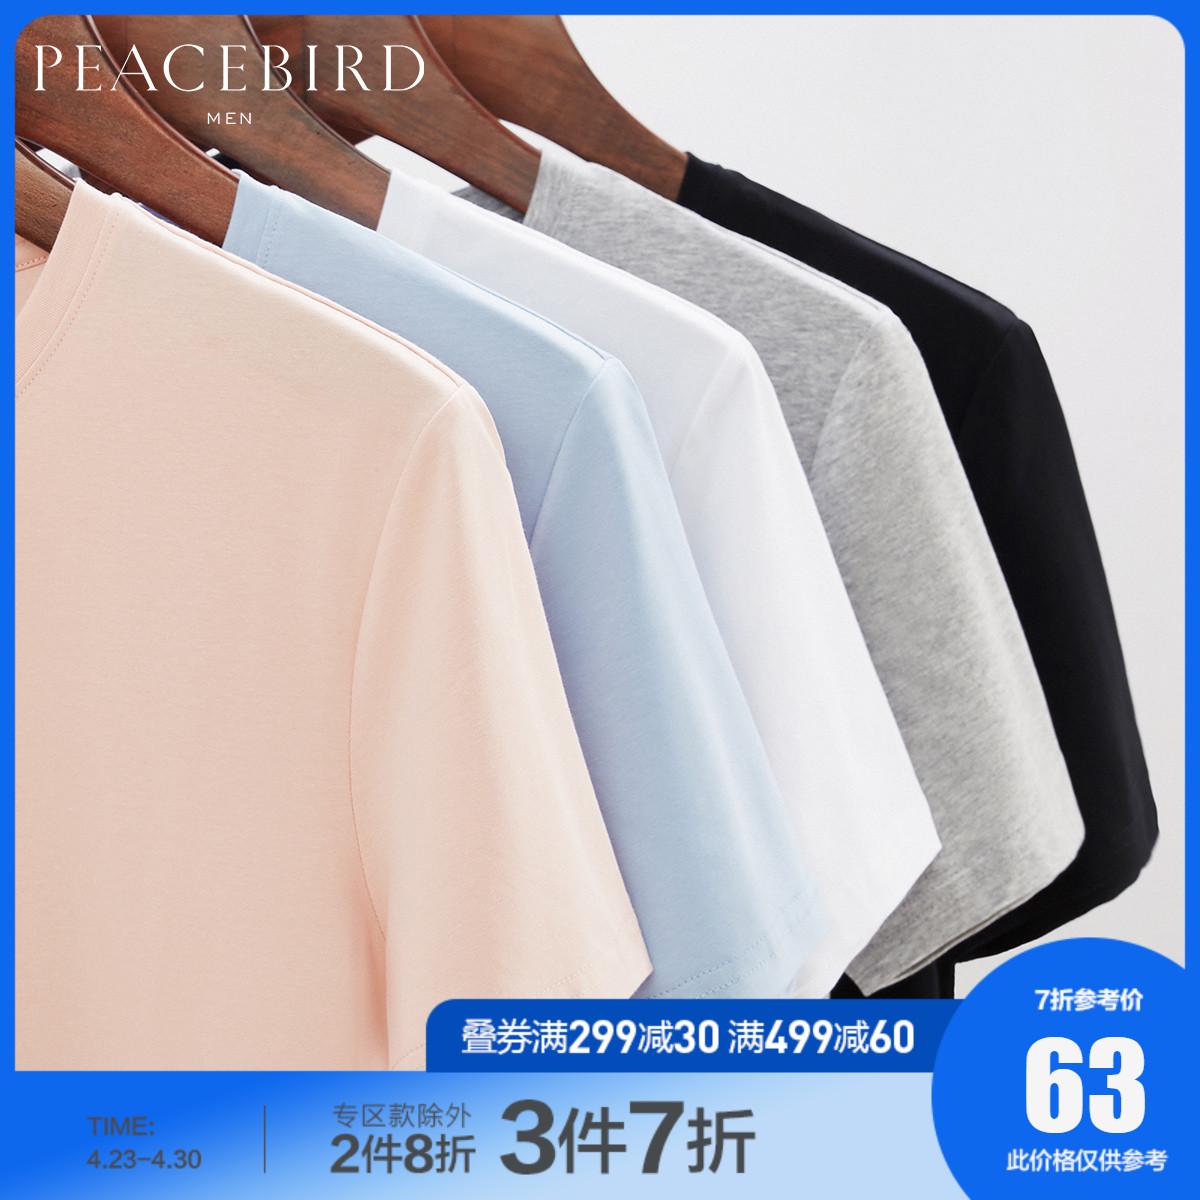 太平鸟男装夏超火cec短袖男夏装纯白色弹力圆领T恤修身打底衫